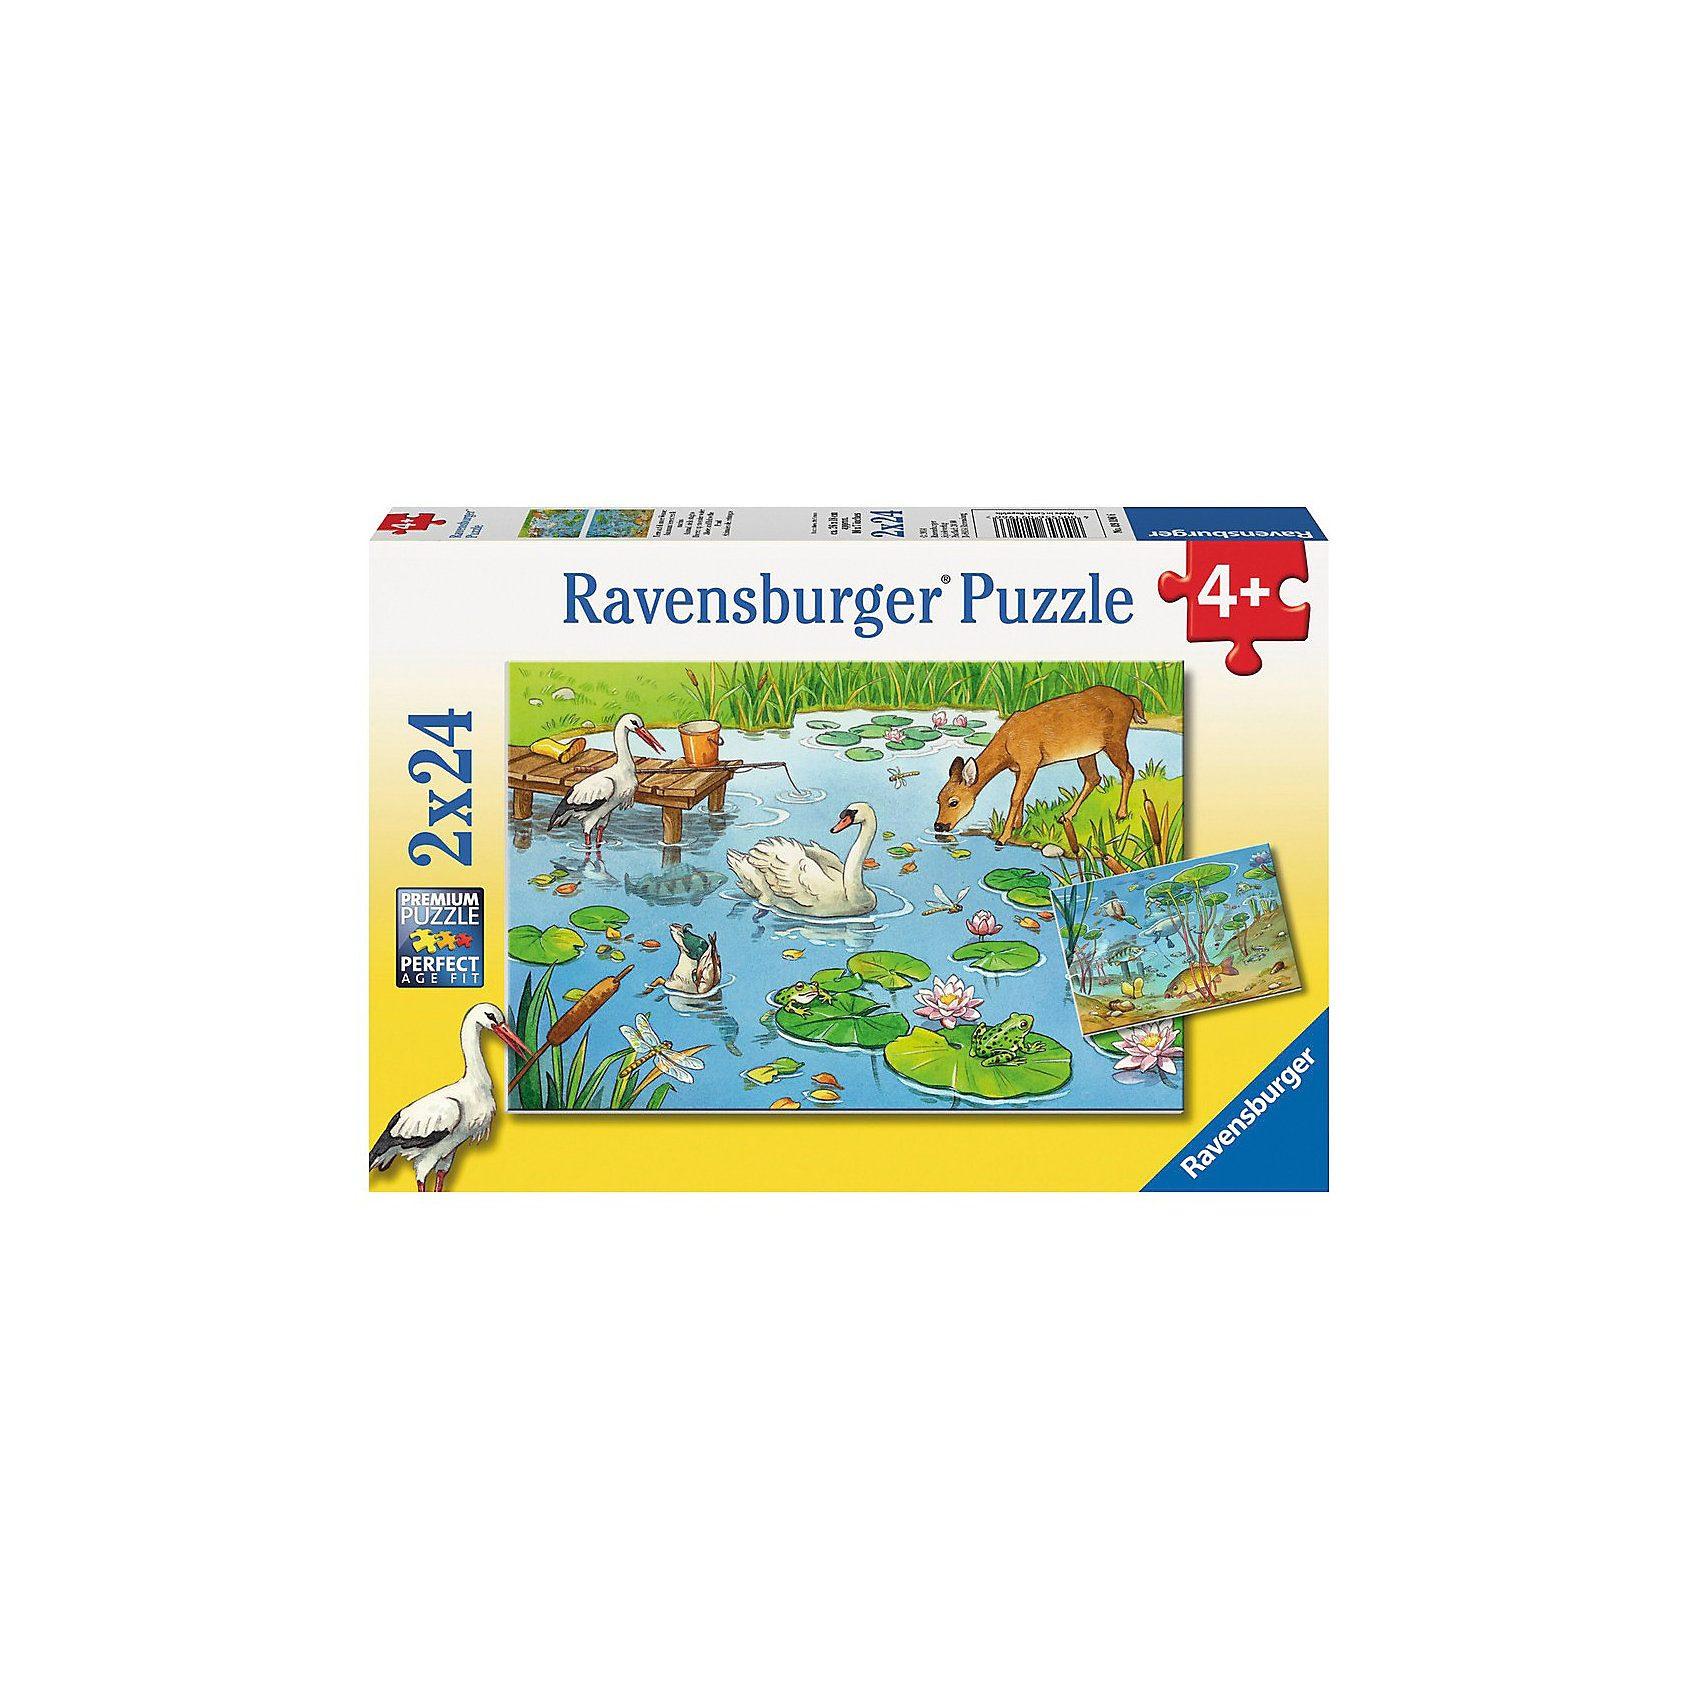 Ravensburger Puzzleset Tiere auf & unter Wasser 2 x 24 Teile